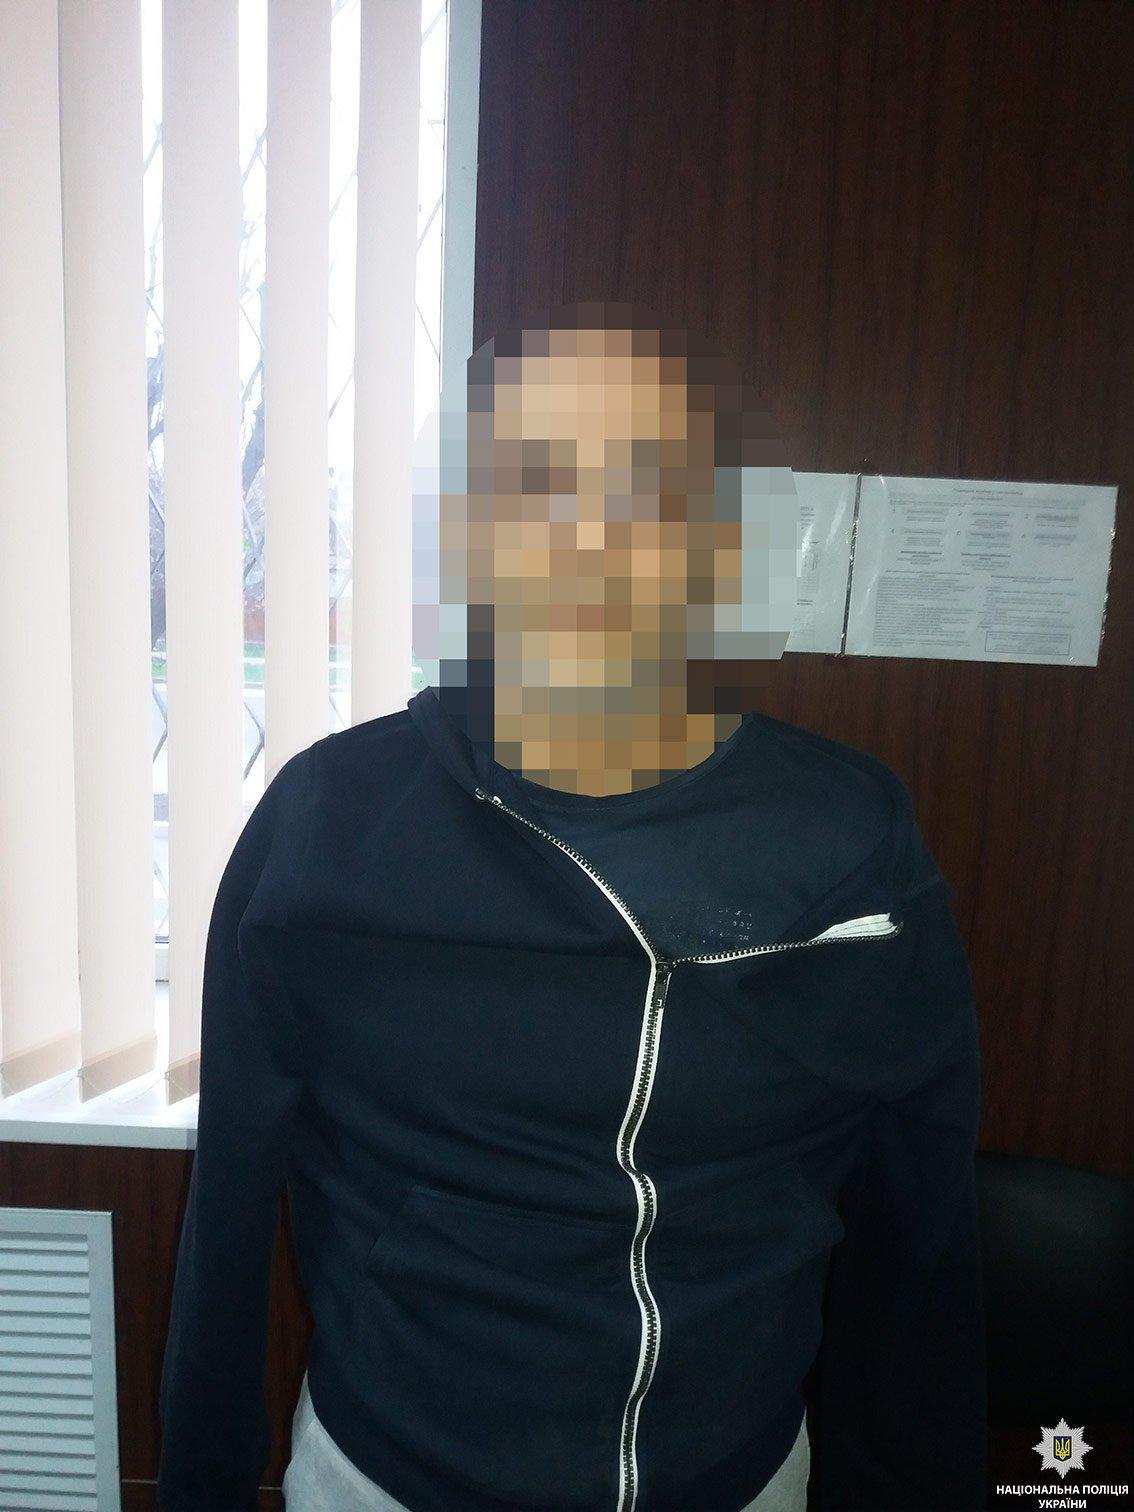 В Никополезадержали 41-летнего мужчину, которого разыскивалИнтерпол за терроризм